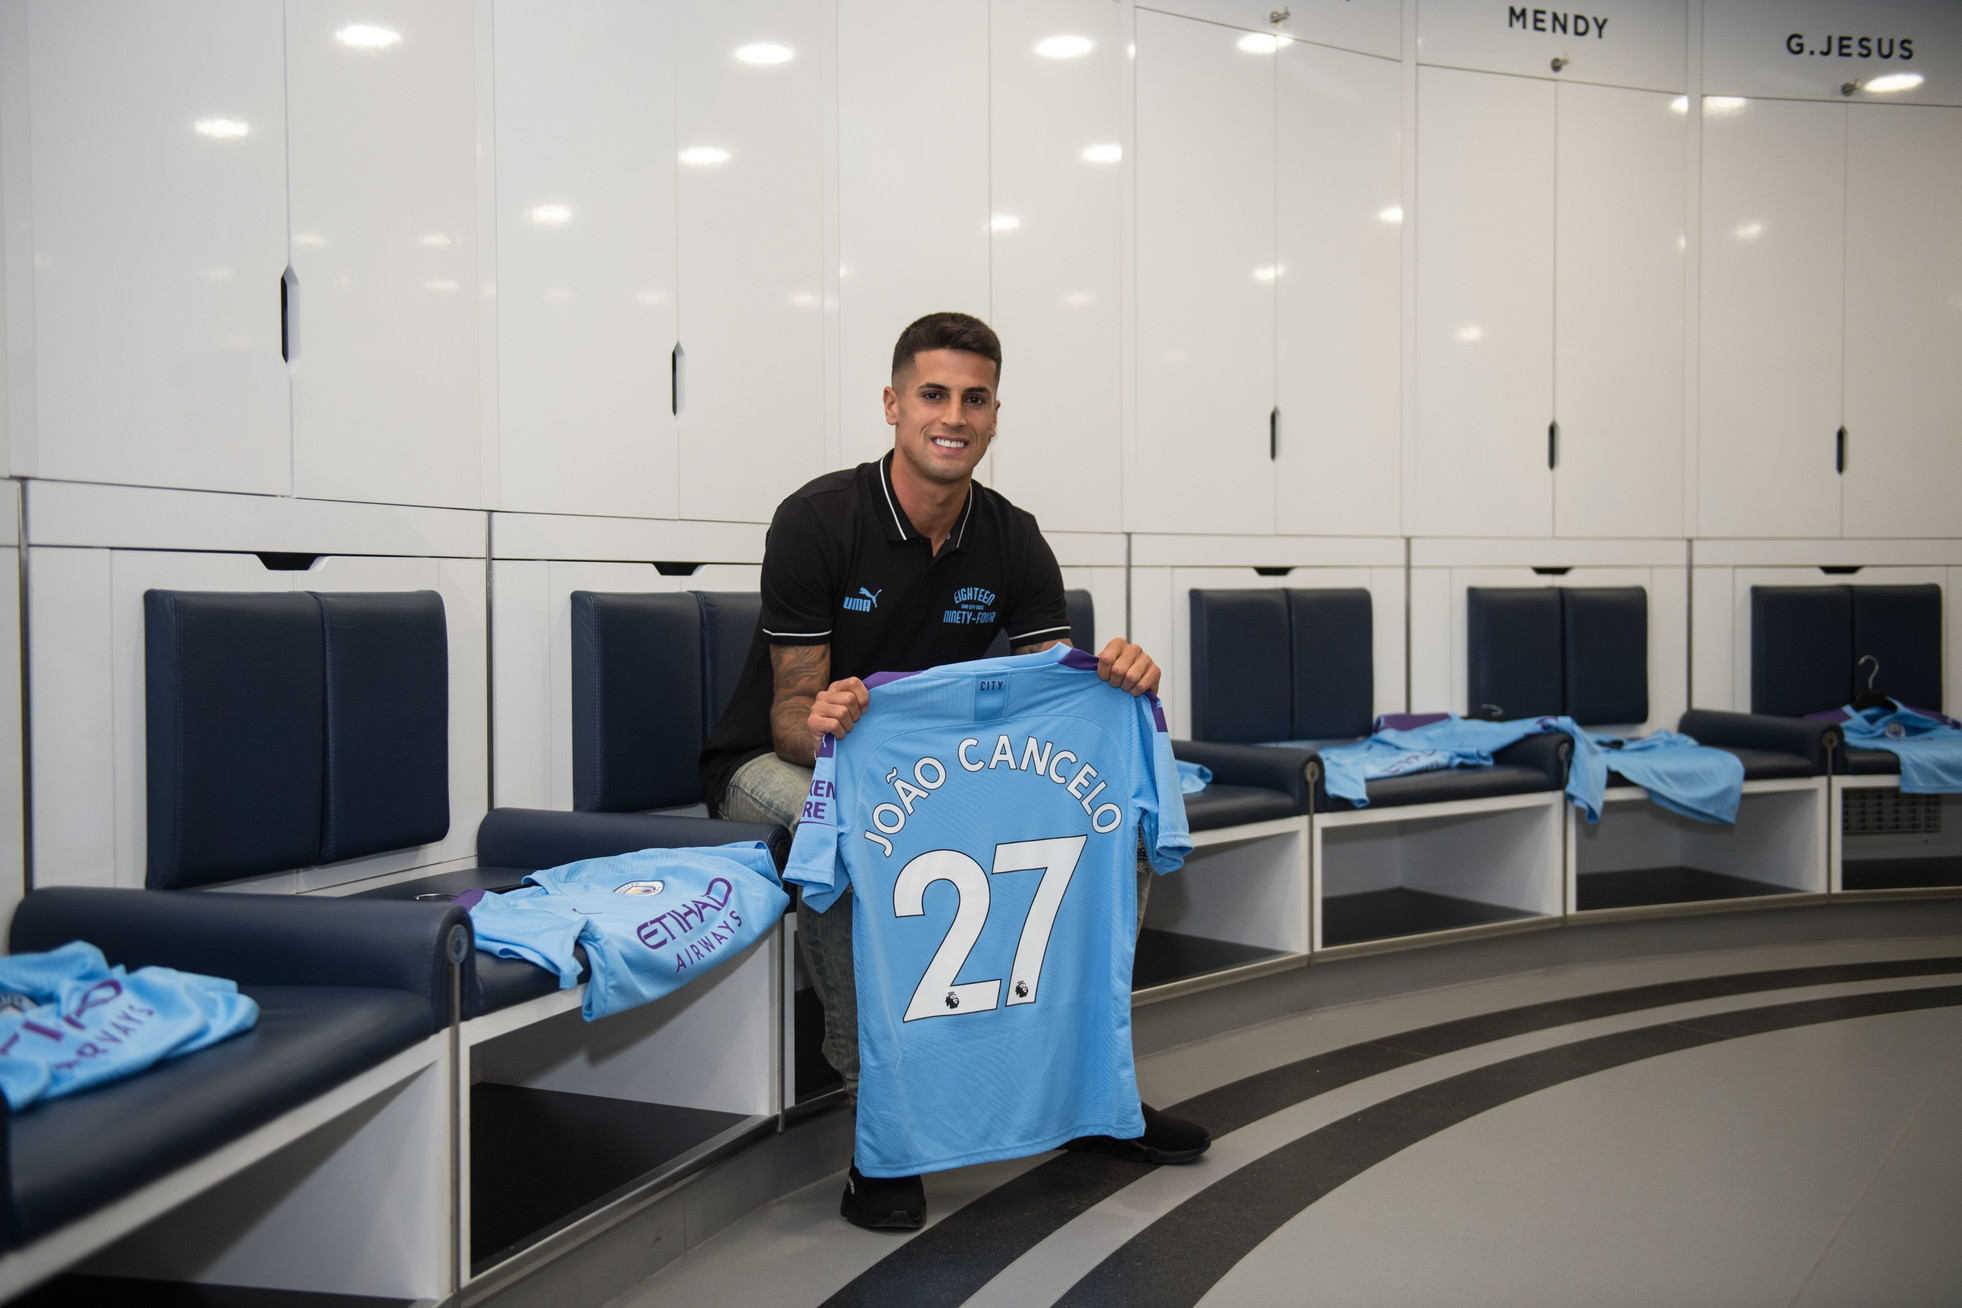 1) Manchester City: -1 miliardo e 90,8 milioni di euro